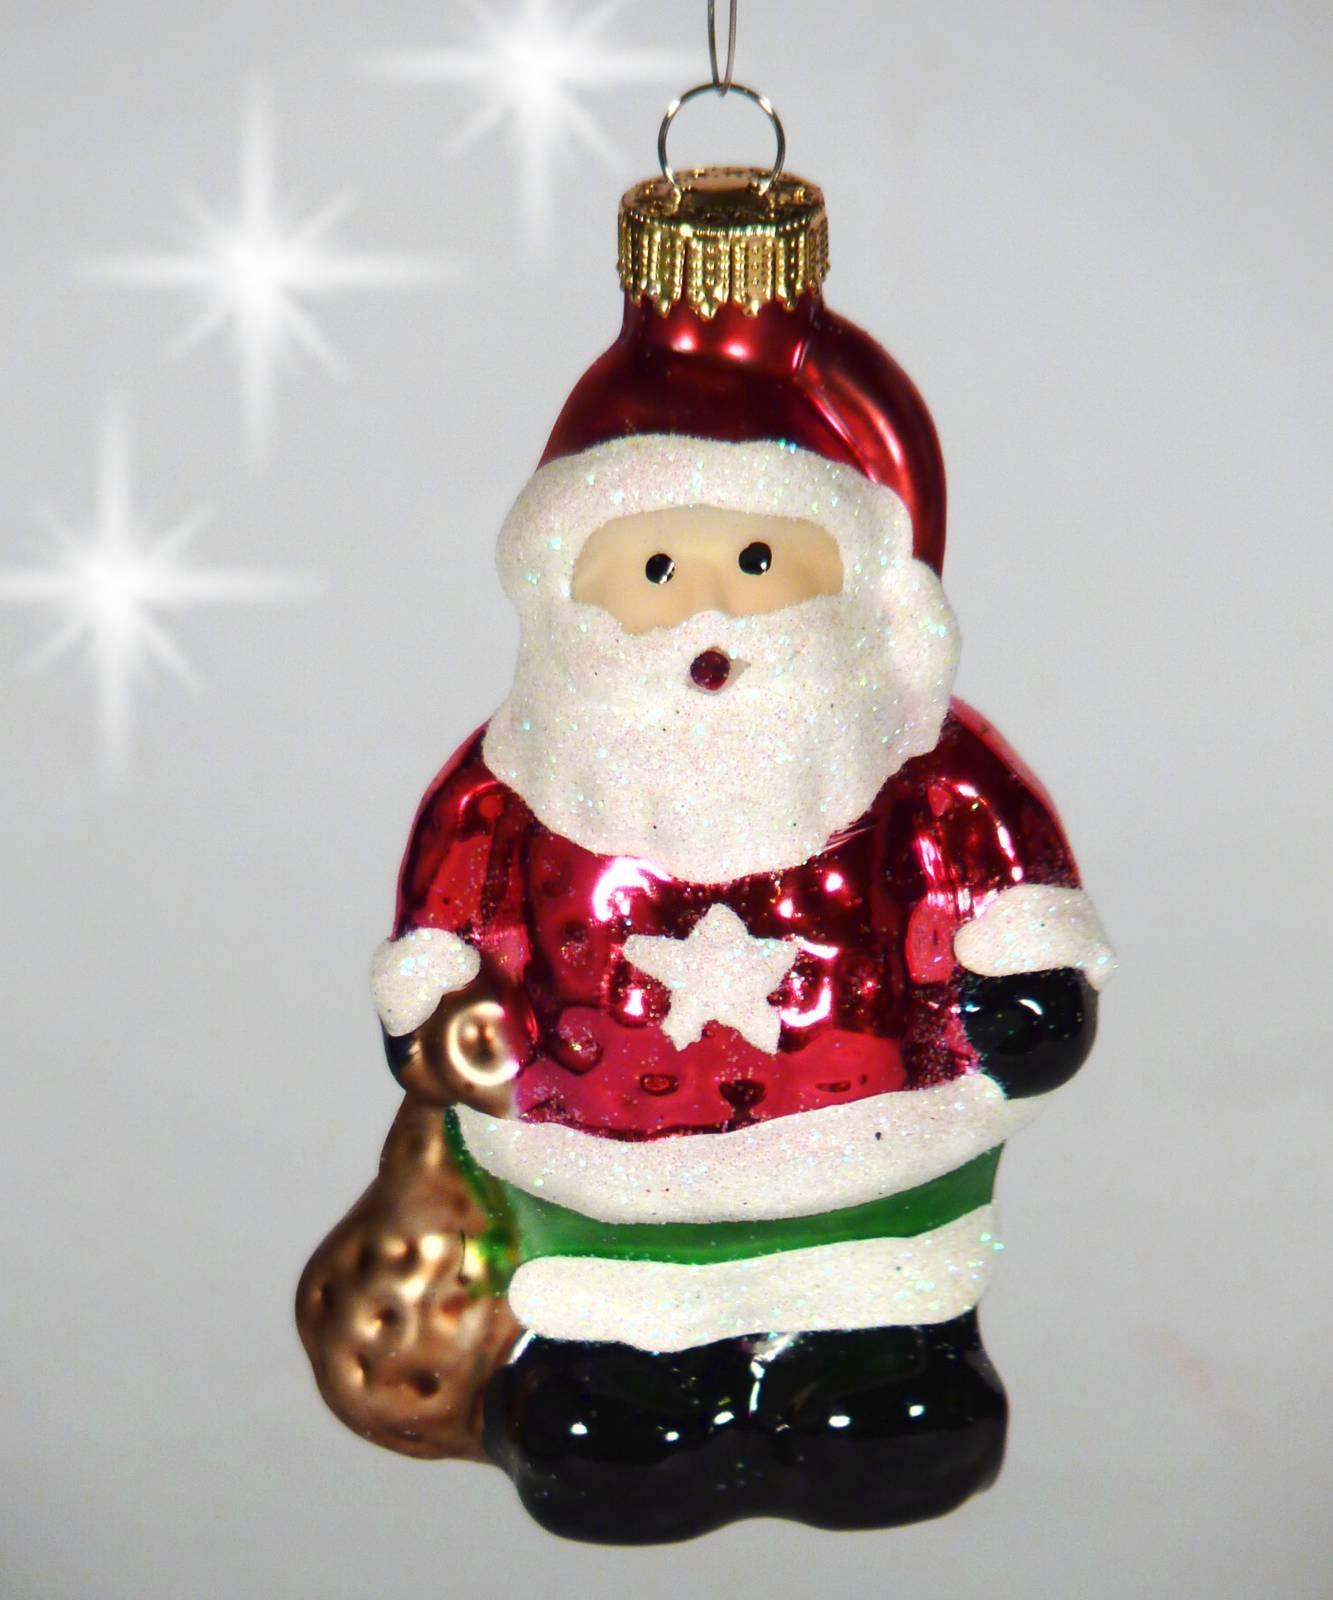 Christbaumschmuck Glas Christbaumkugel Weihnachtsmann Nikolaus